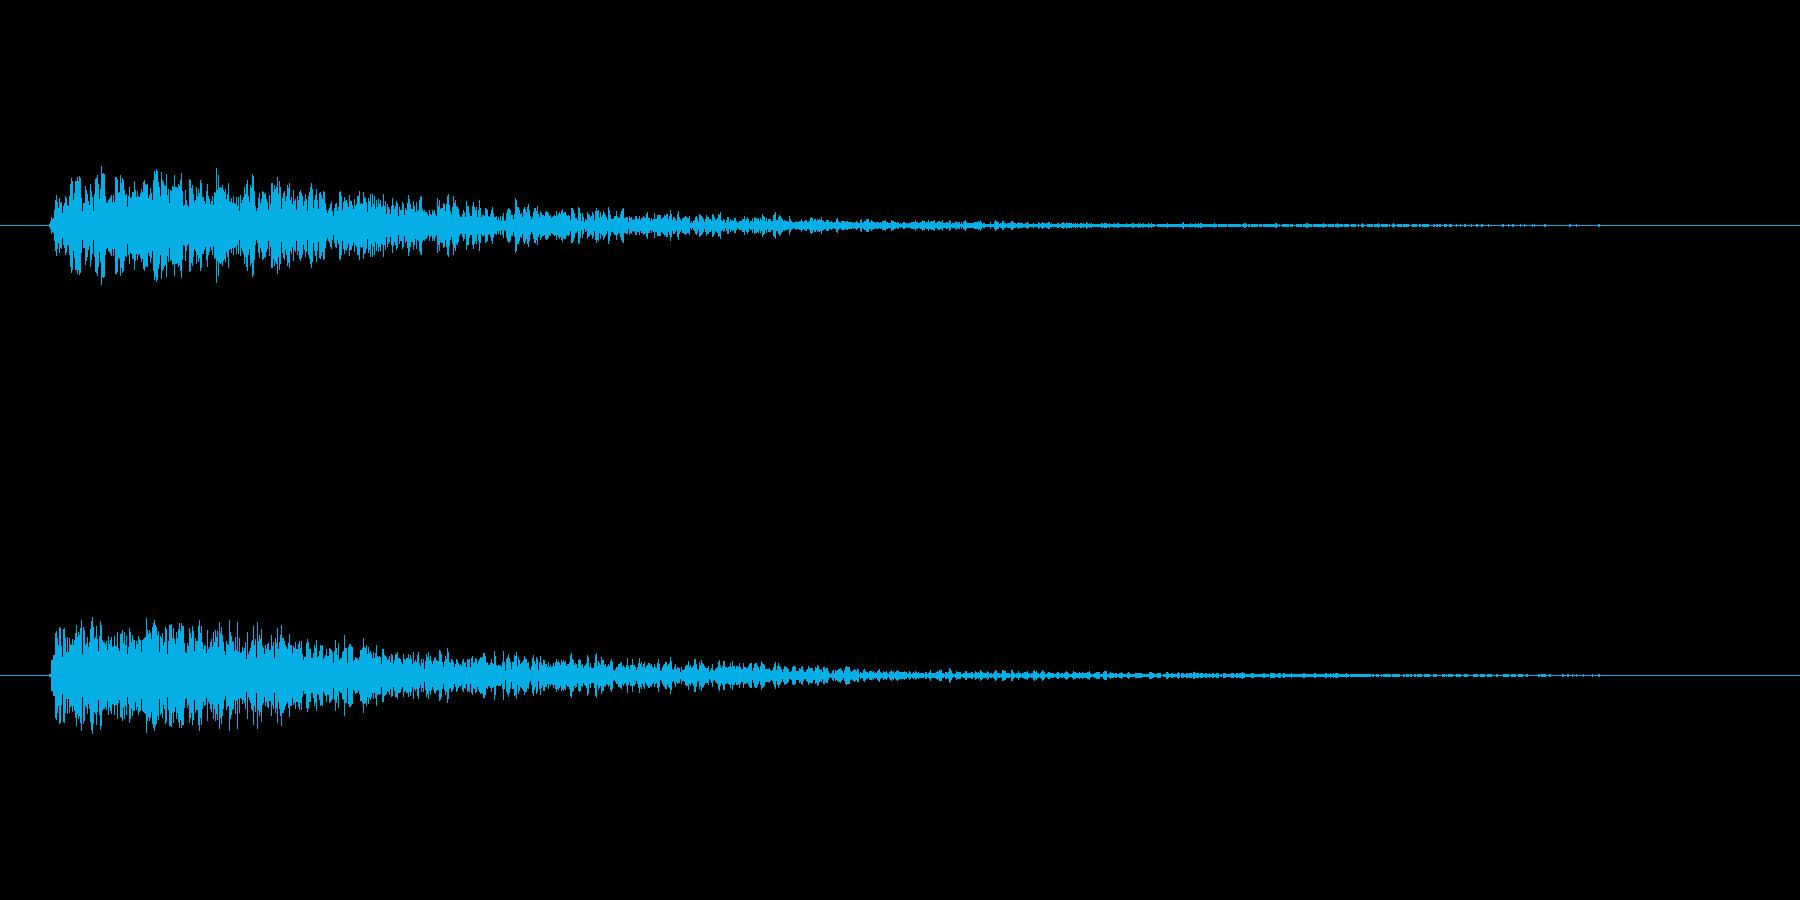 ドーン!(重大発表とかで聴く音)の再生済みの波形